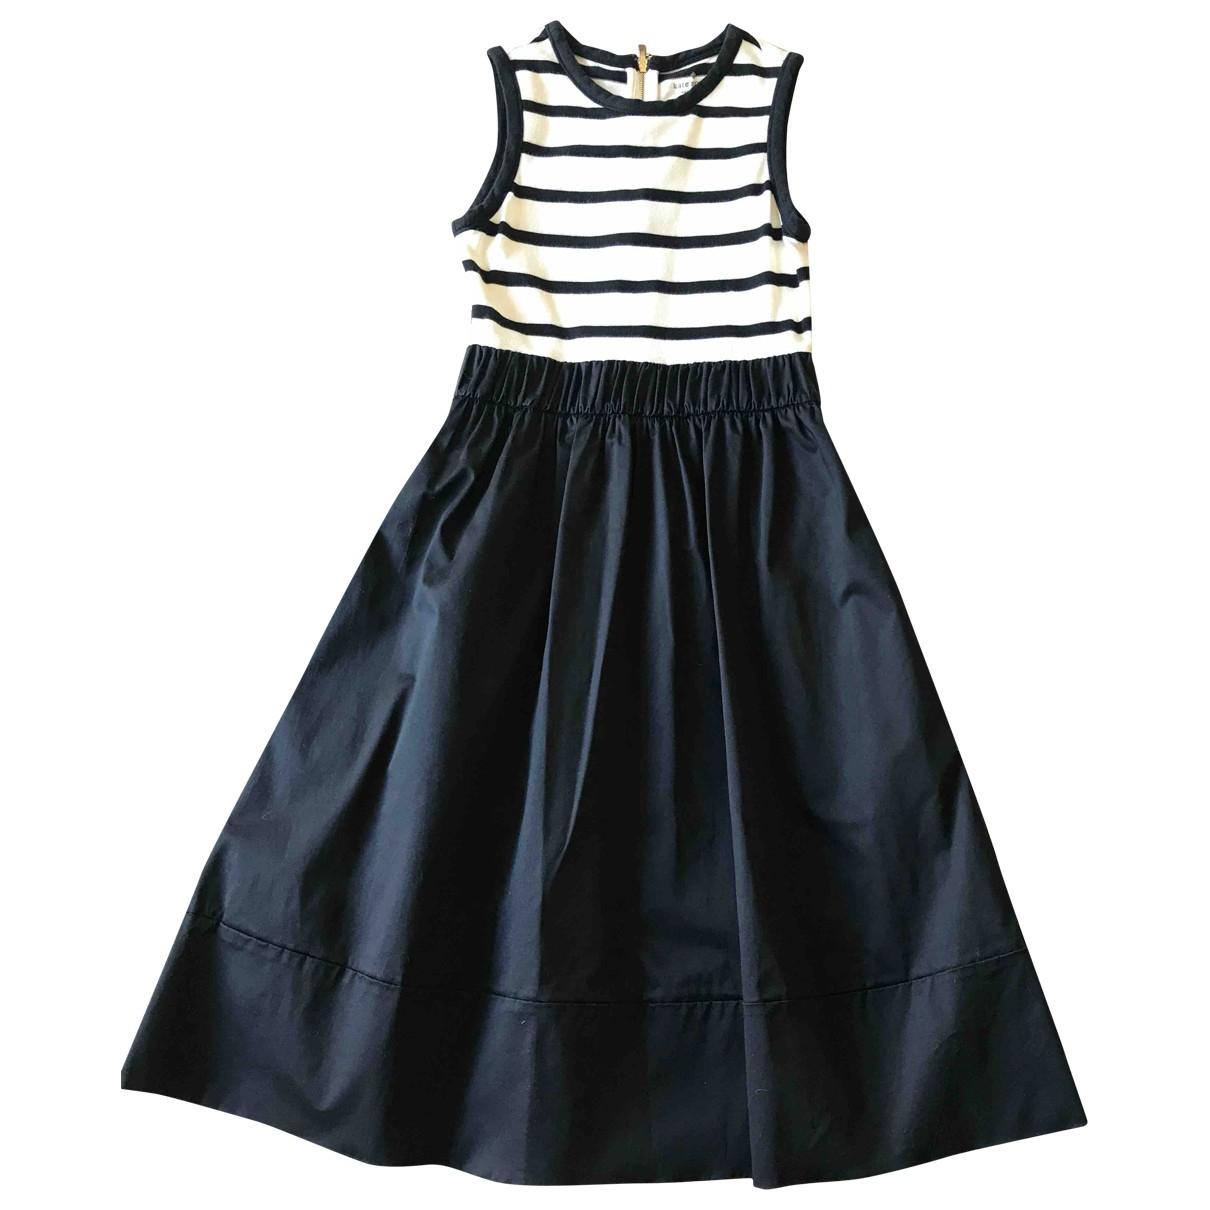 Kate Spade \N Kleid in  Schwarz Baumwolle